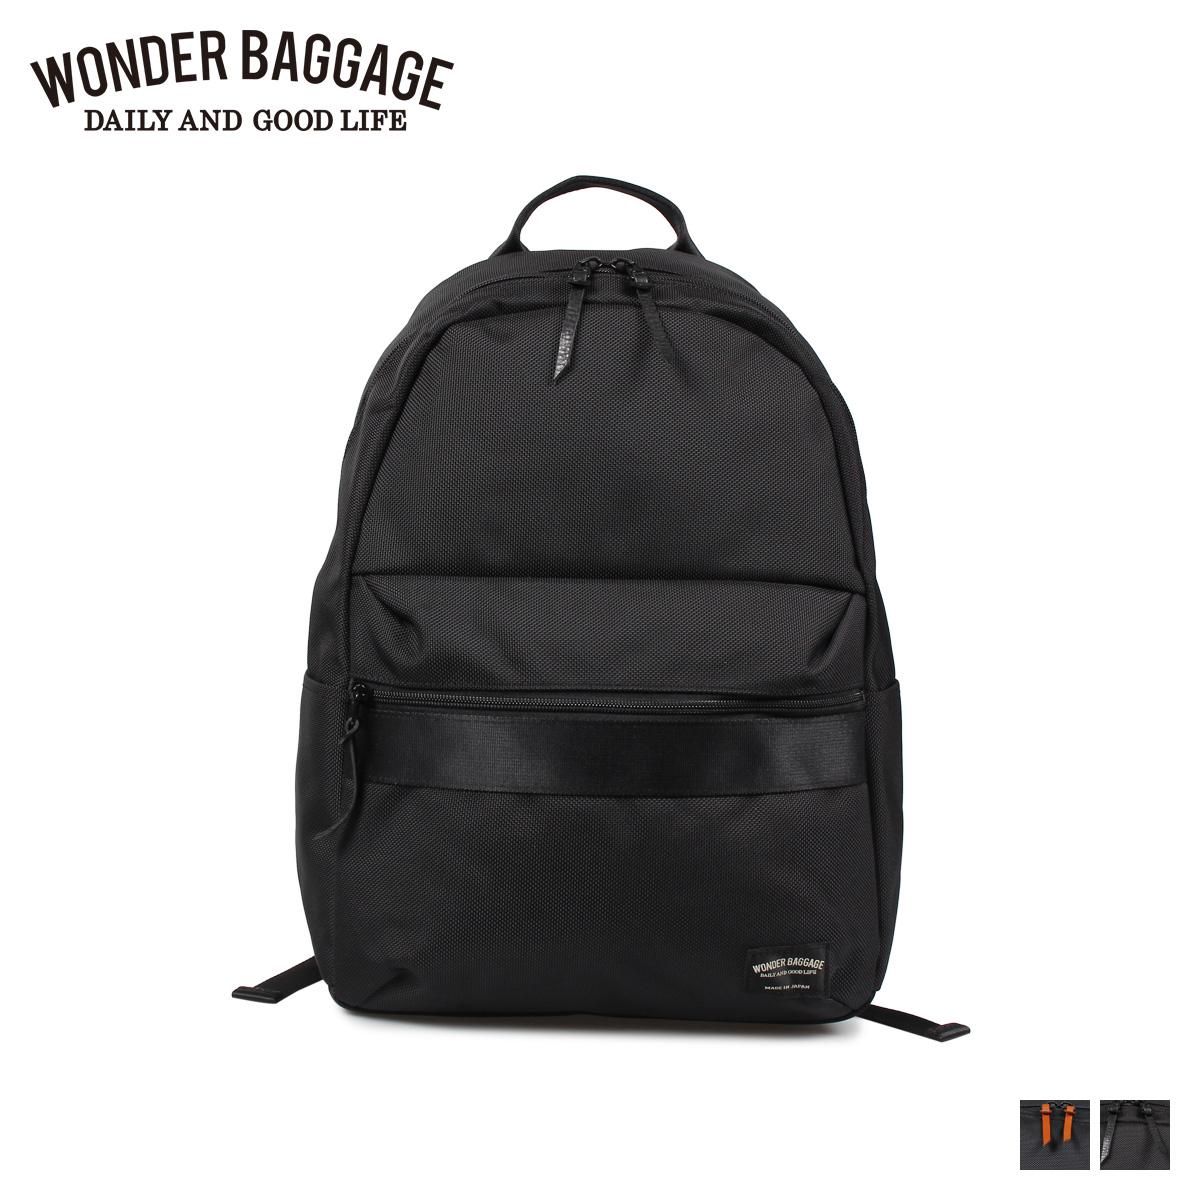 WONDER BAGGAGE ワンダーバゲージ リュック バッグ バックパック メンズ レディース 18L GOODMANS LIGHT PACK ブラック ネイビー 黒 WB-G-022